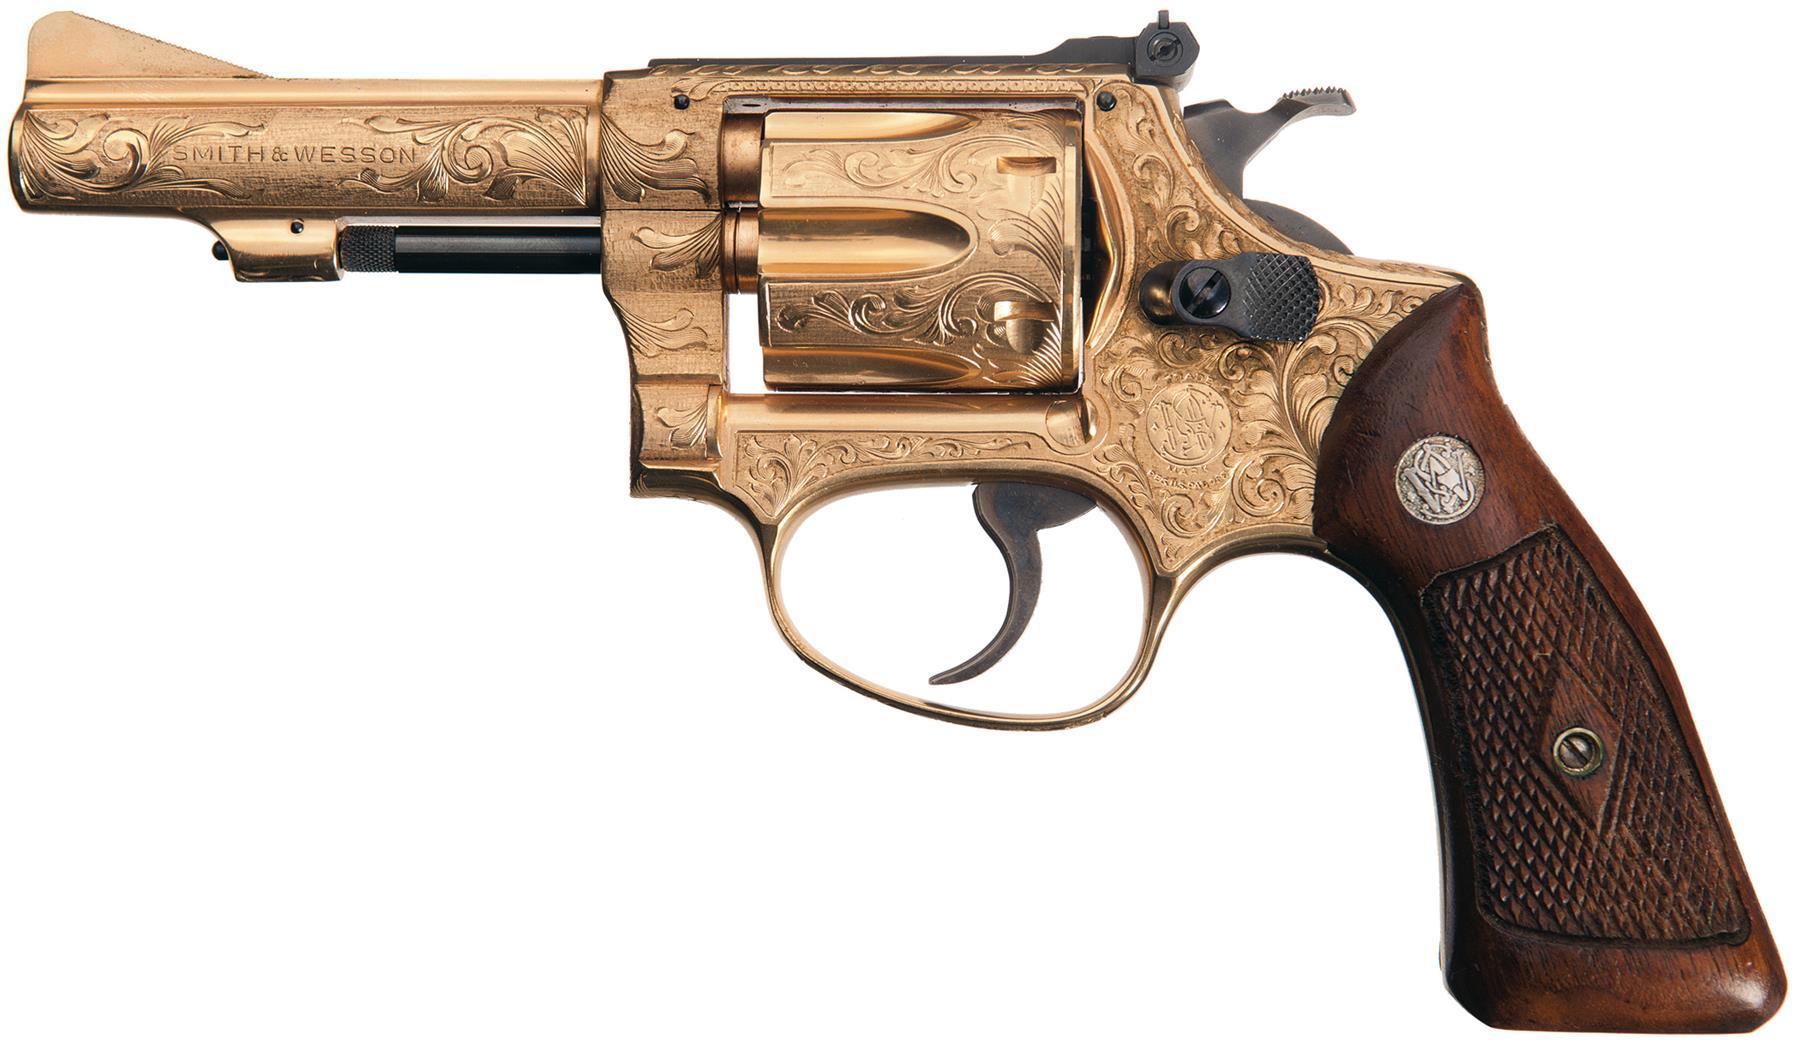 pistolet smith et wesson modèle 51 en 22LR 1969